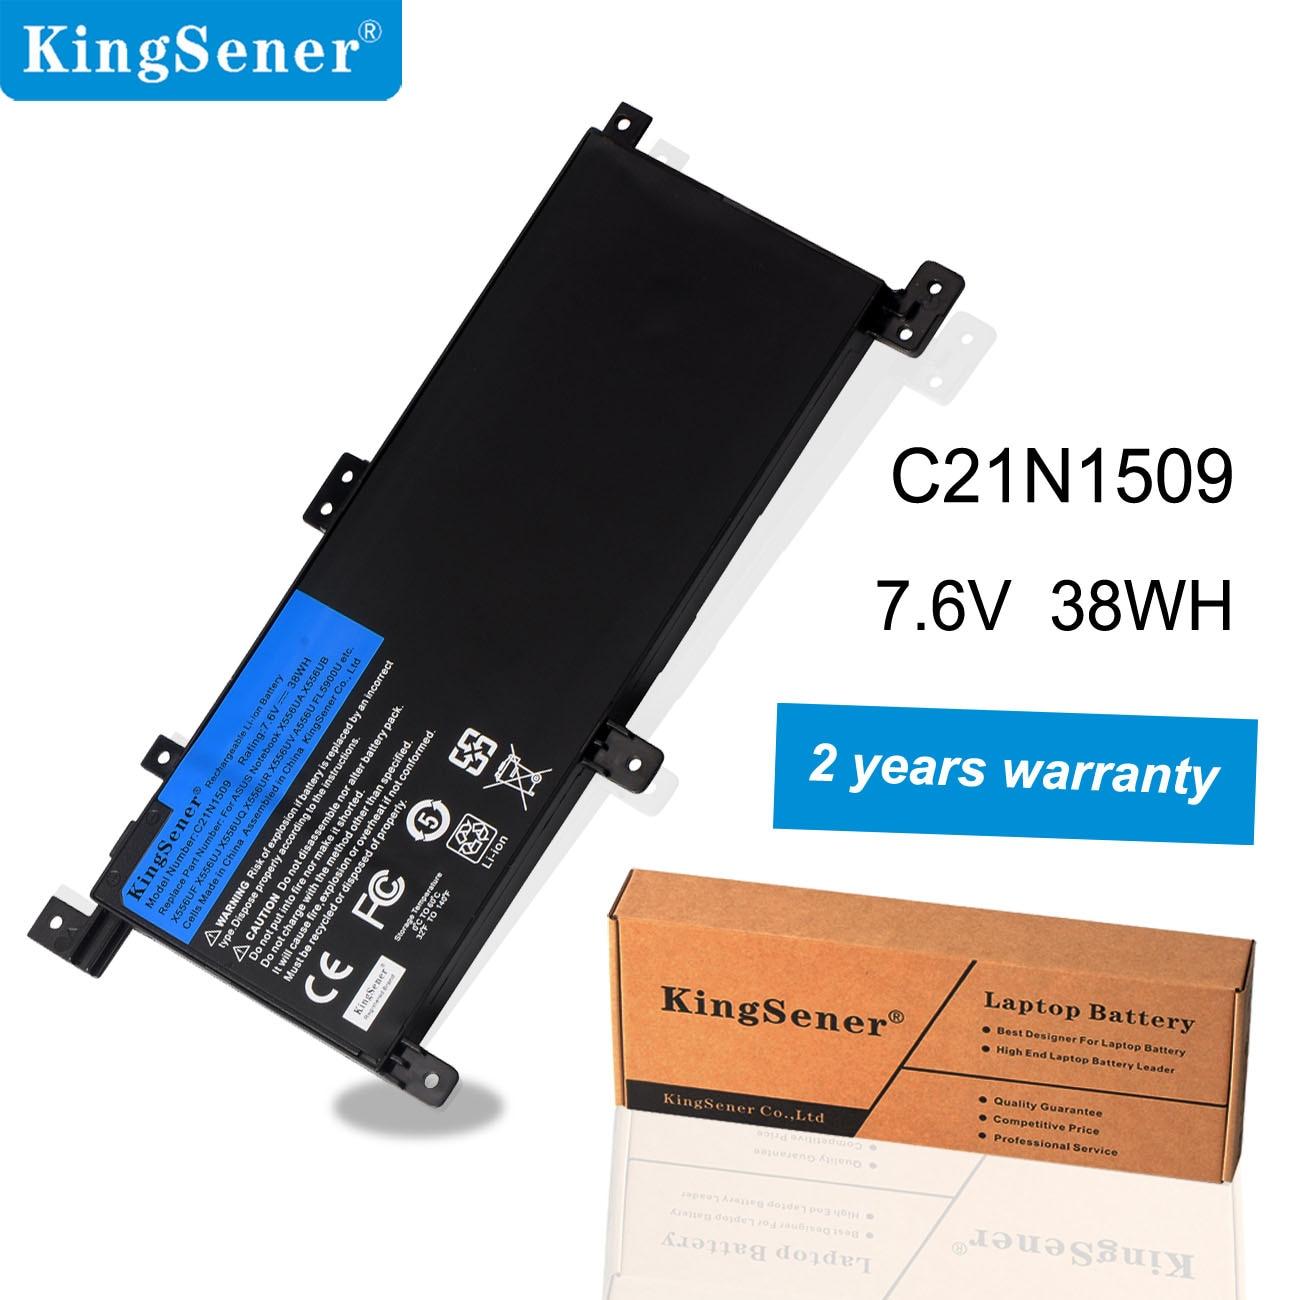 KingSener Nouveau C21N1509 batterie d'ordinateur portable pour asus Ordinateur Portable X556UA X556UB X556UF X556UJ X556UQ X556UR X556UV A556U FL5900U